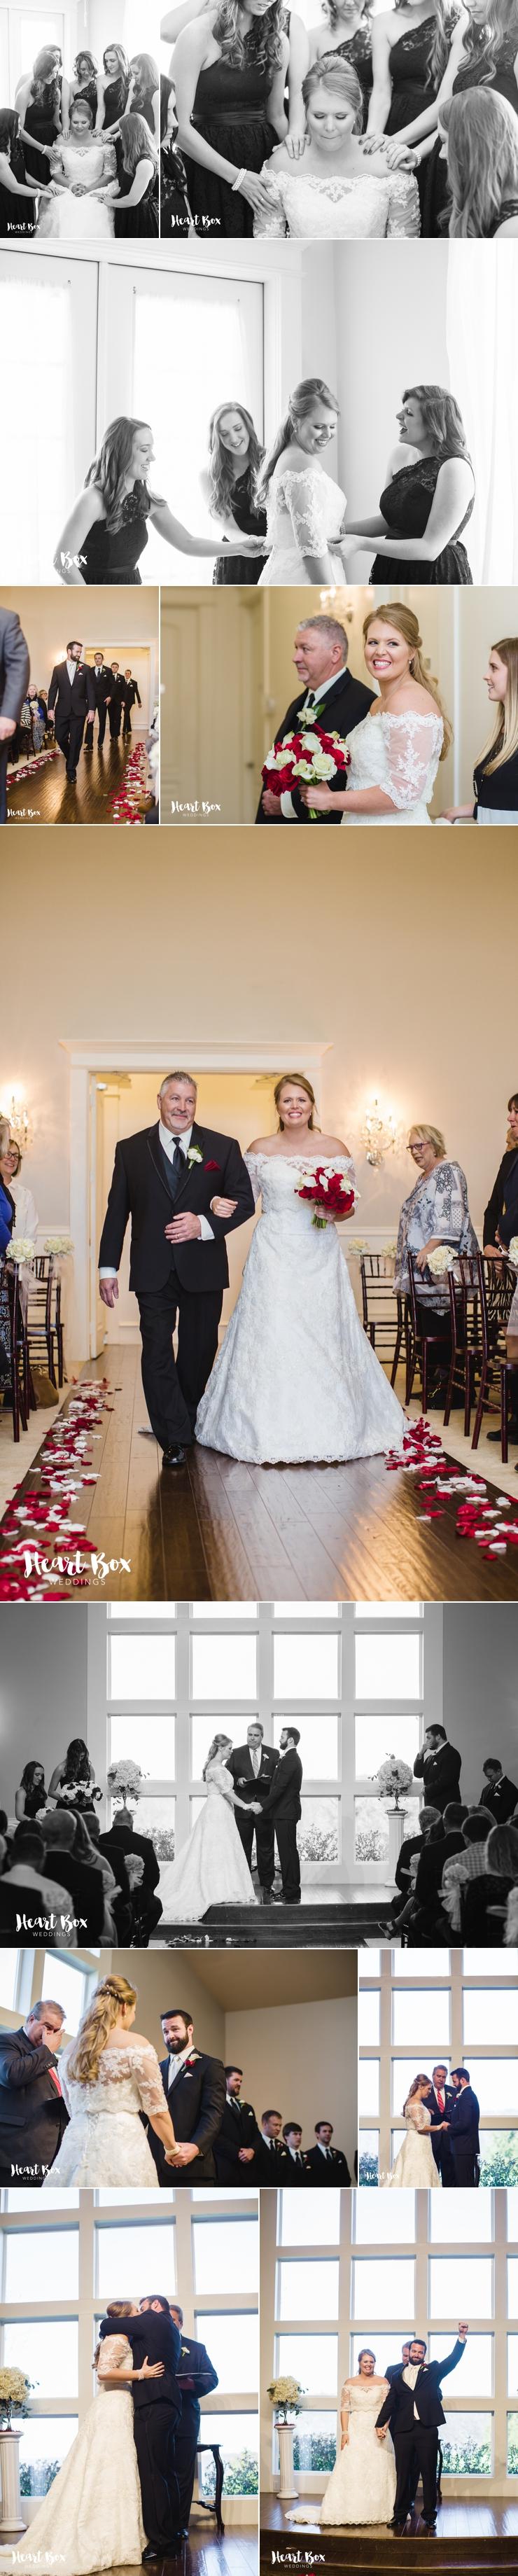 Vanderpool Wedding - Blog Collages 7.jpg